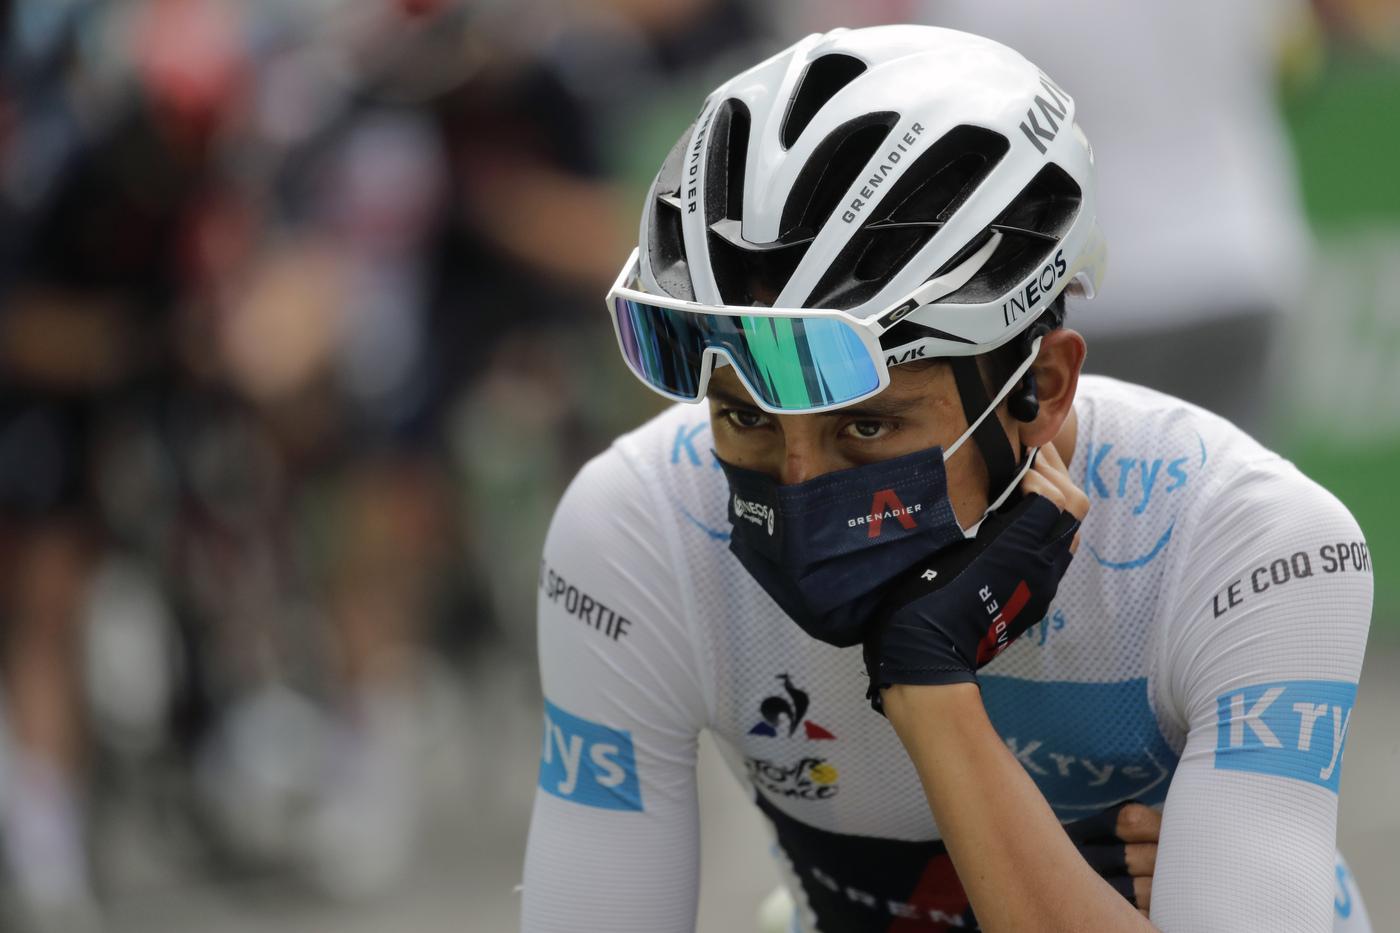 Ciclismo, Egan Bernal e gli esercizi per risolvere la scoliosi alla schiena